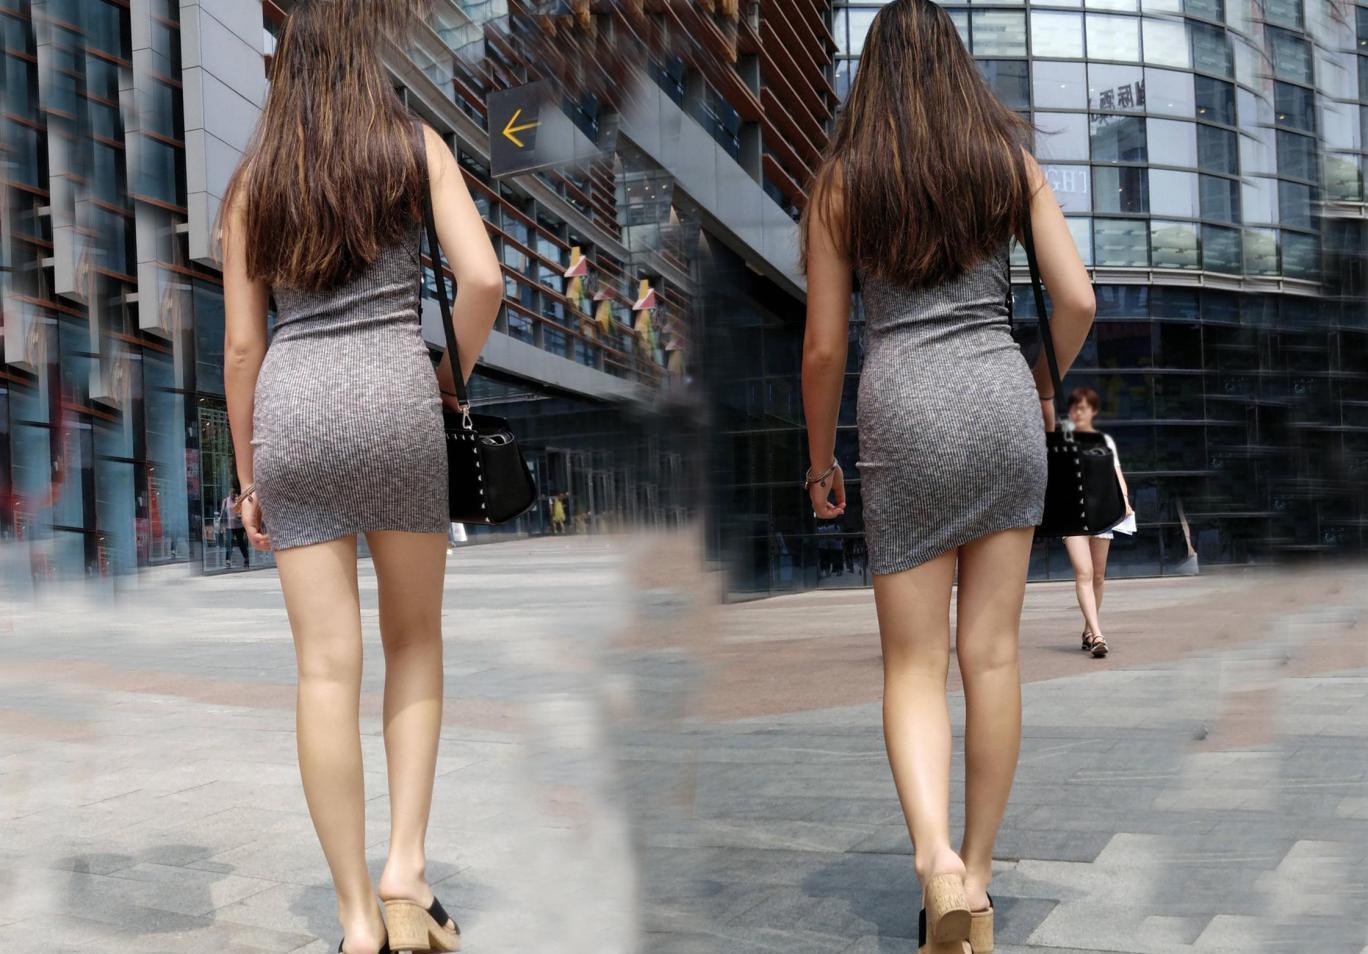 灰色辣妈背影一身包臀裙穿出少女般a灰色丝袜!日本美女美女高跟图片